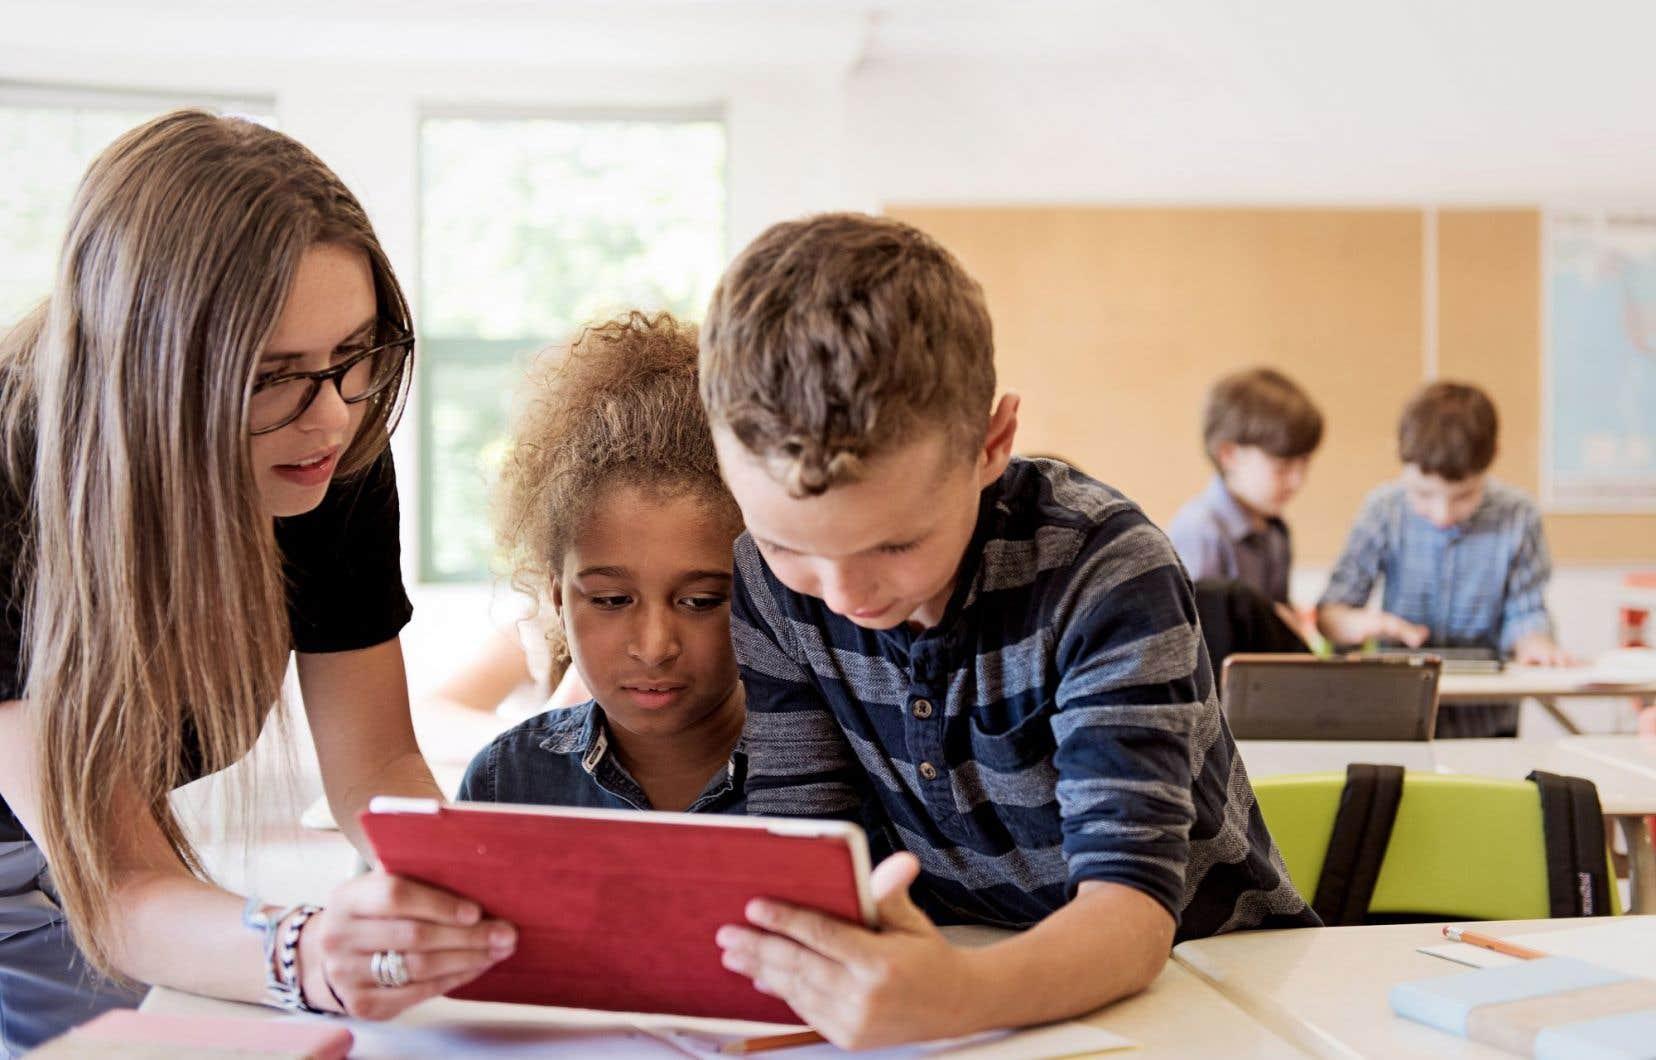 «Le jour où l'éducation sera une véritable priorité nationale au Québec, les enseignants auront enfin la considération qu'ils méritent», écrit Antoine Baby.